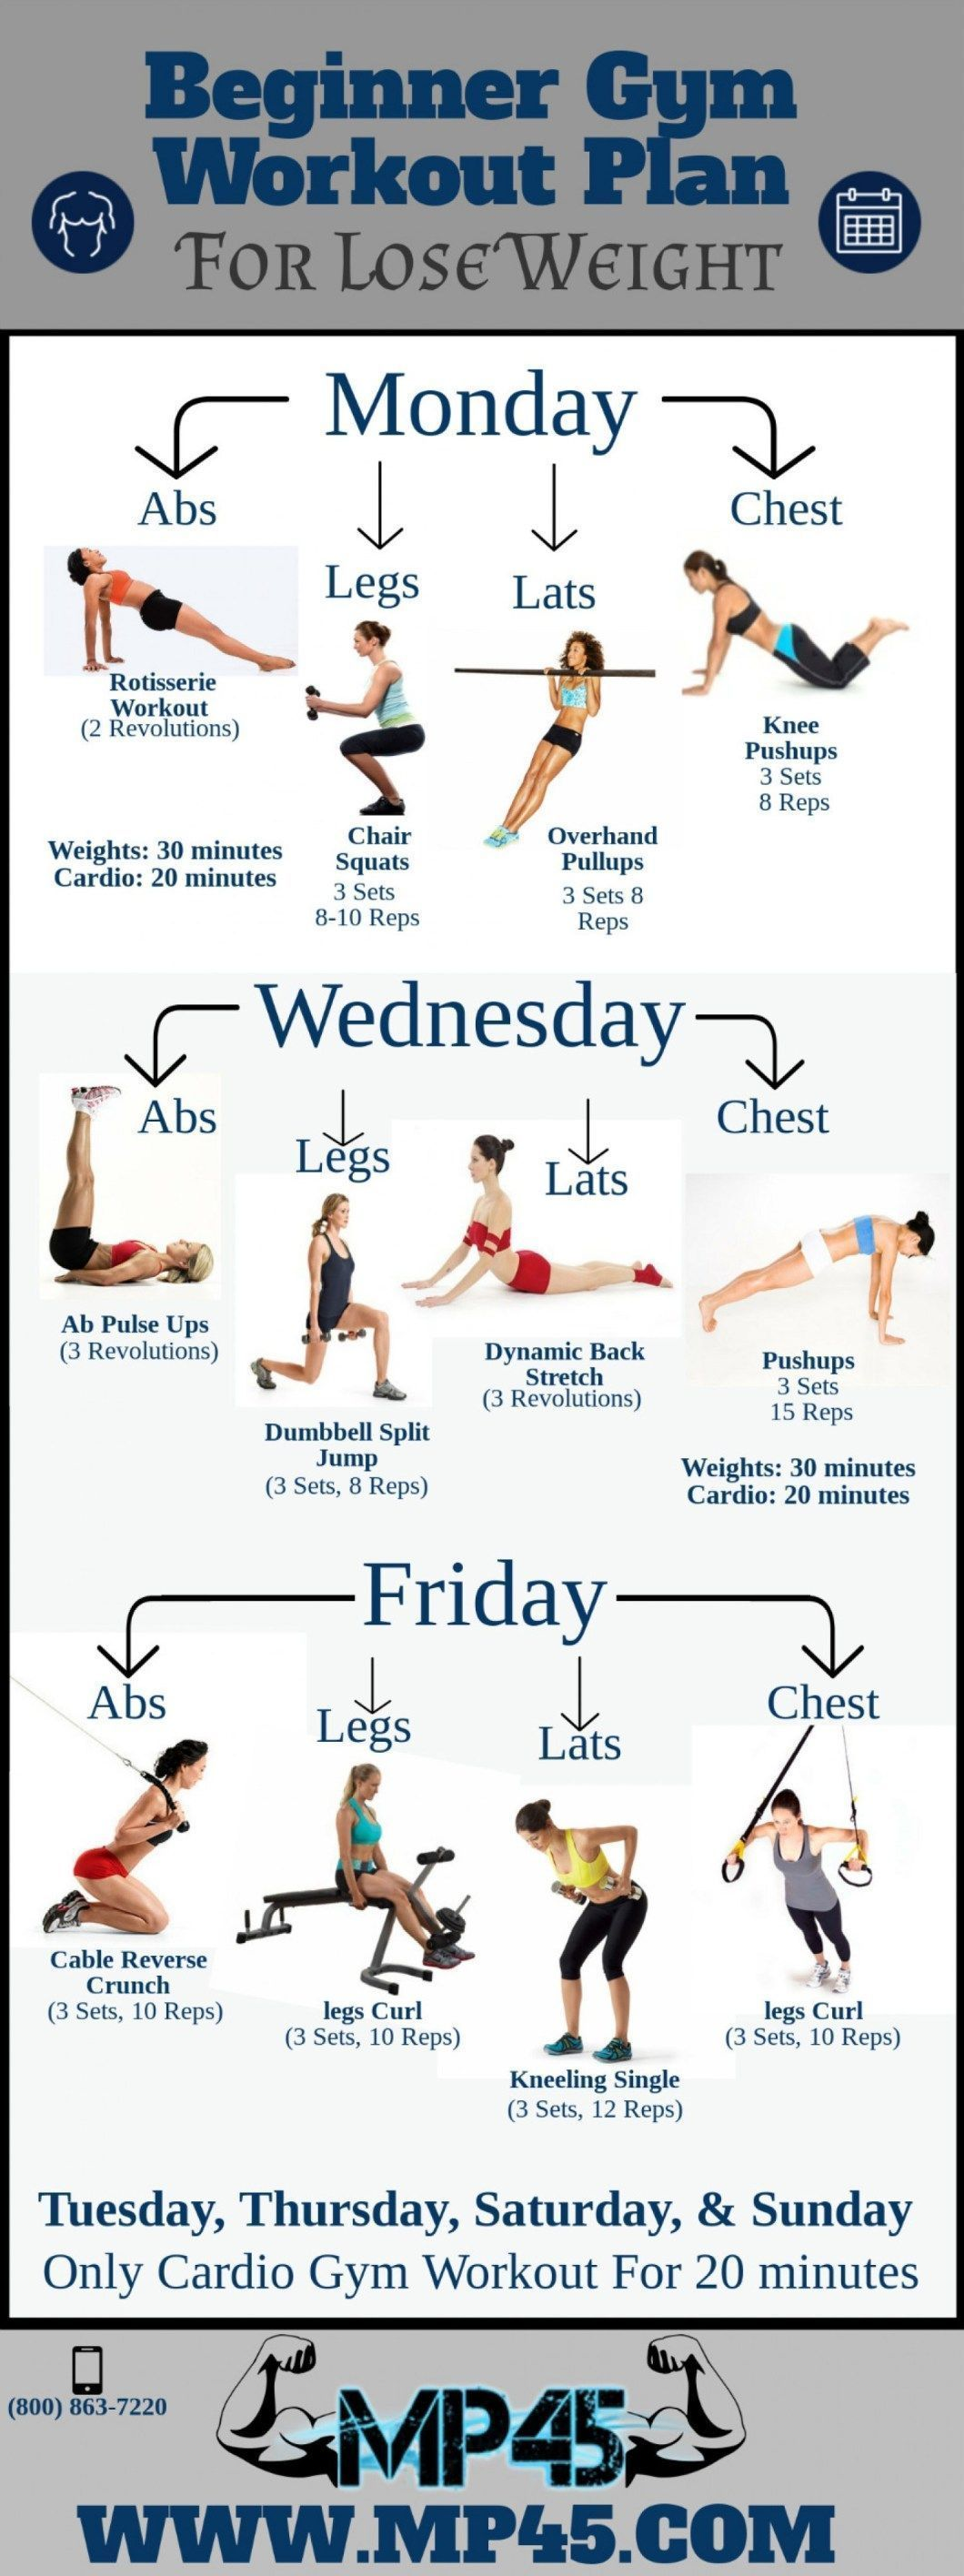 Planet Fitness Workout Plan Pdf Google Search Planetfitnessworkoutplan Plan Beginners Gym Workout Plan Gym Workout For Beginners Planet Fitness Workout Plan